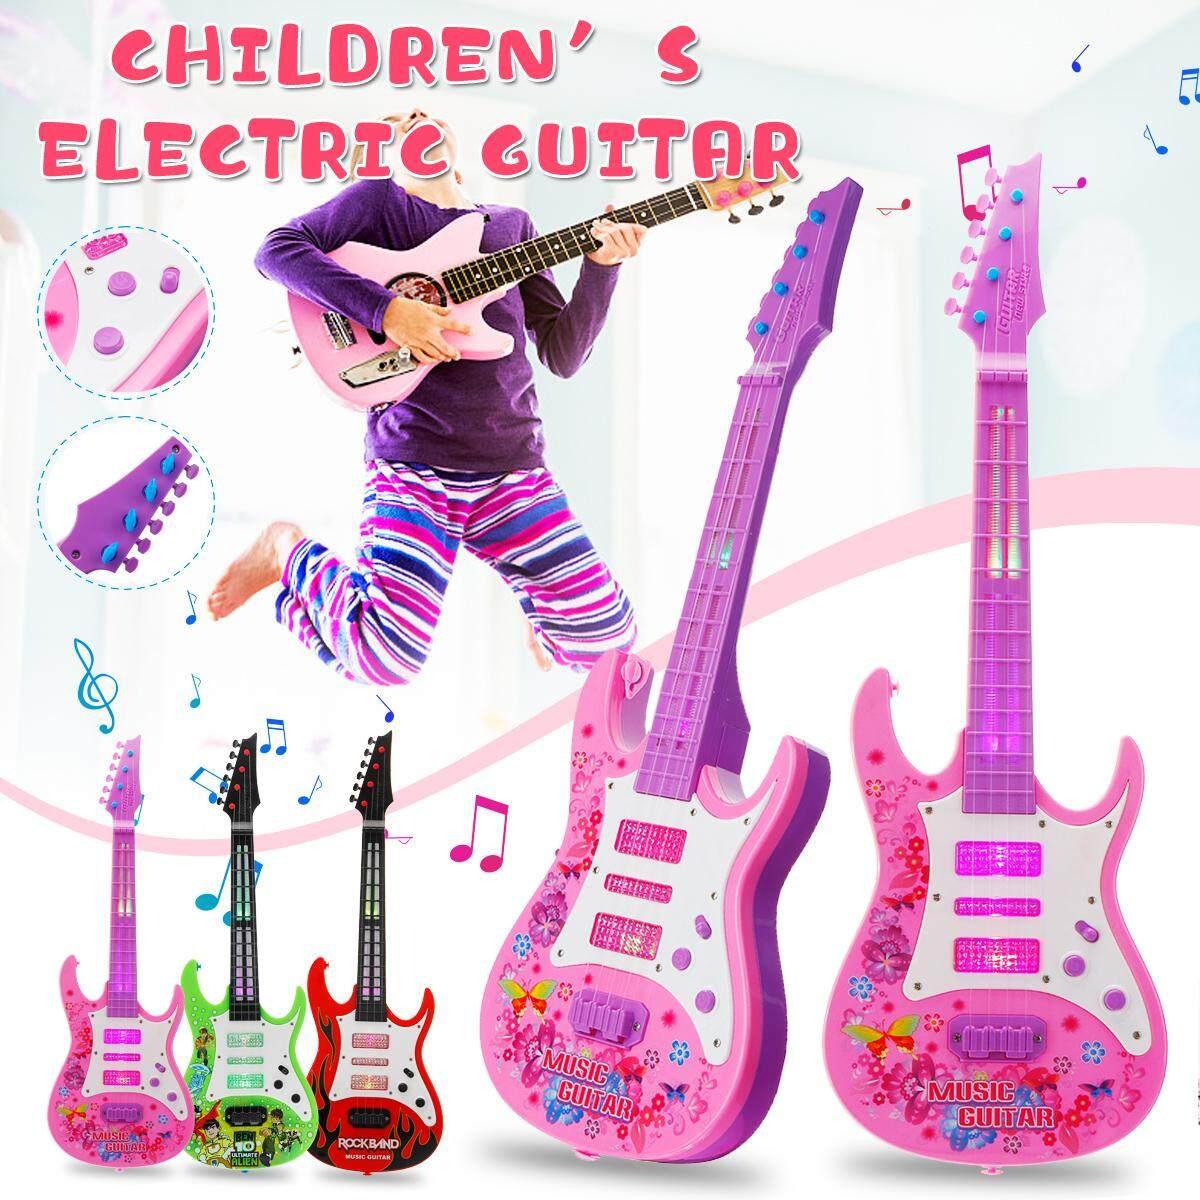 【Free Vận Chuyển + Siêu Đối Phó + Hạn Chế Offer】 4 Dây Điện Trẻ Em Guitar Nhạc Cụ Đồ Chơi Sáng Tạo Âm Nhạc Đồ Chơi Mini đàn Guitar Trẻ Em Quà Tặng Sinh Nhật